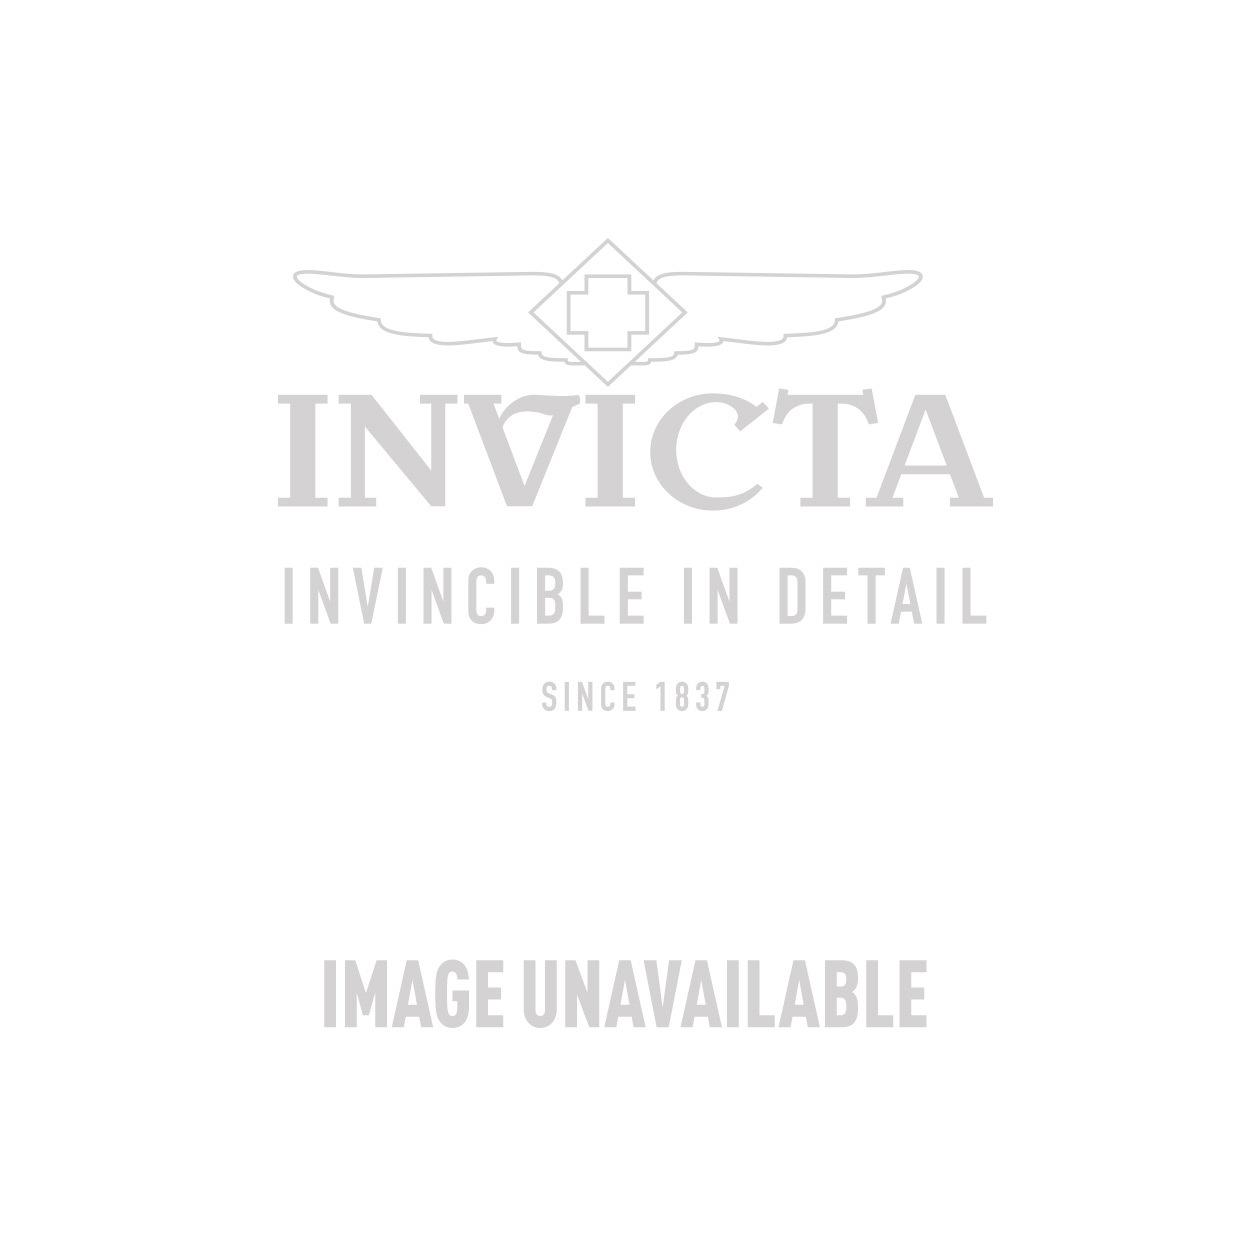 Invicta Model 28649